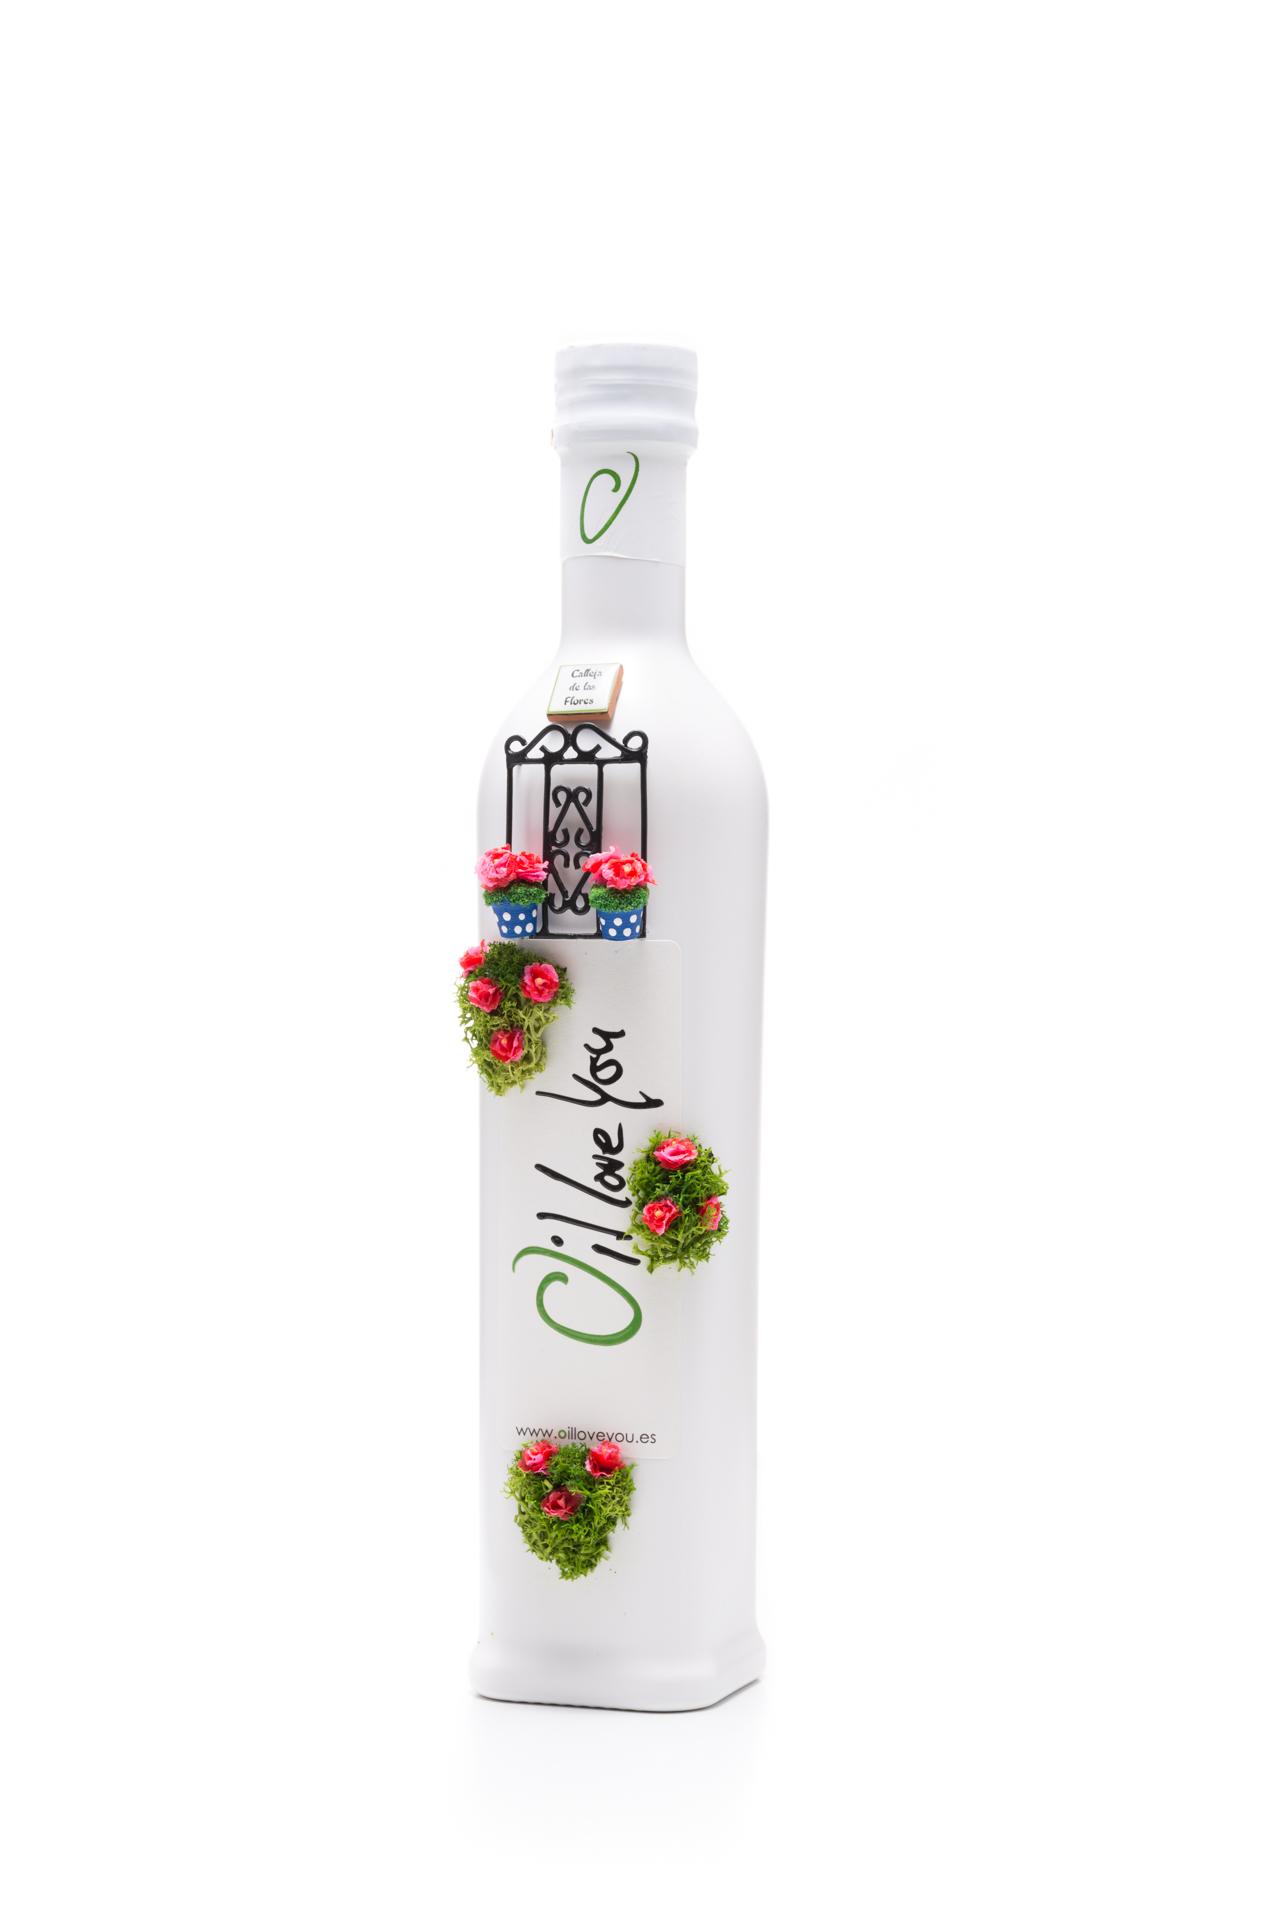 botella-aove-reja-coleccion-patios-de-cordoba-oil-love-you (3)